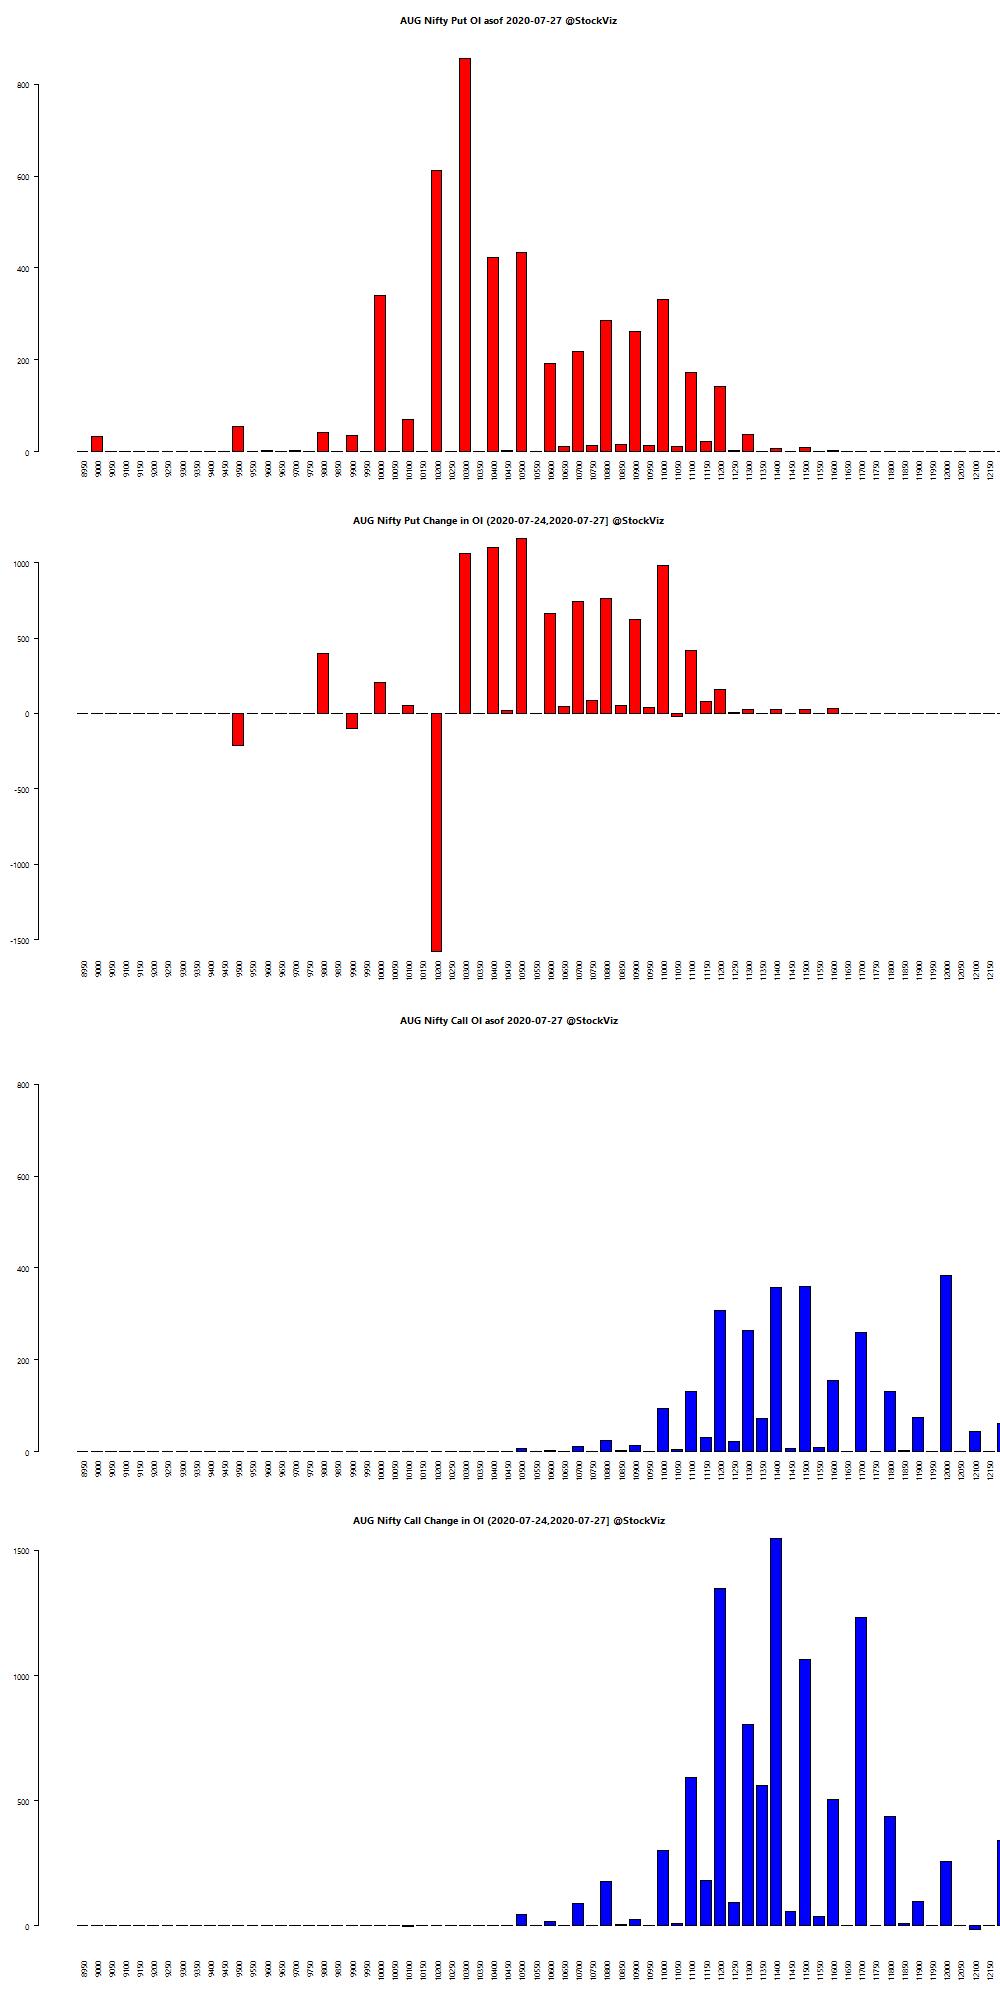 AUG NIFTY OI chart